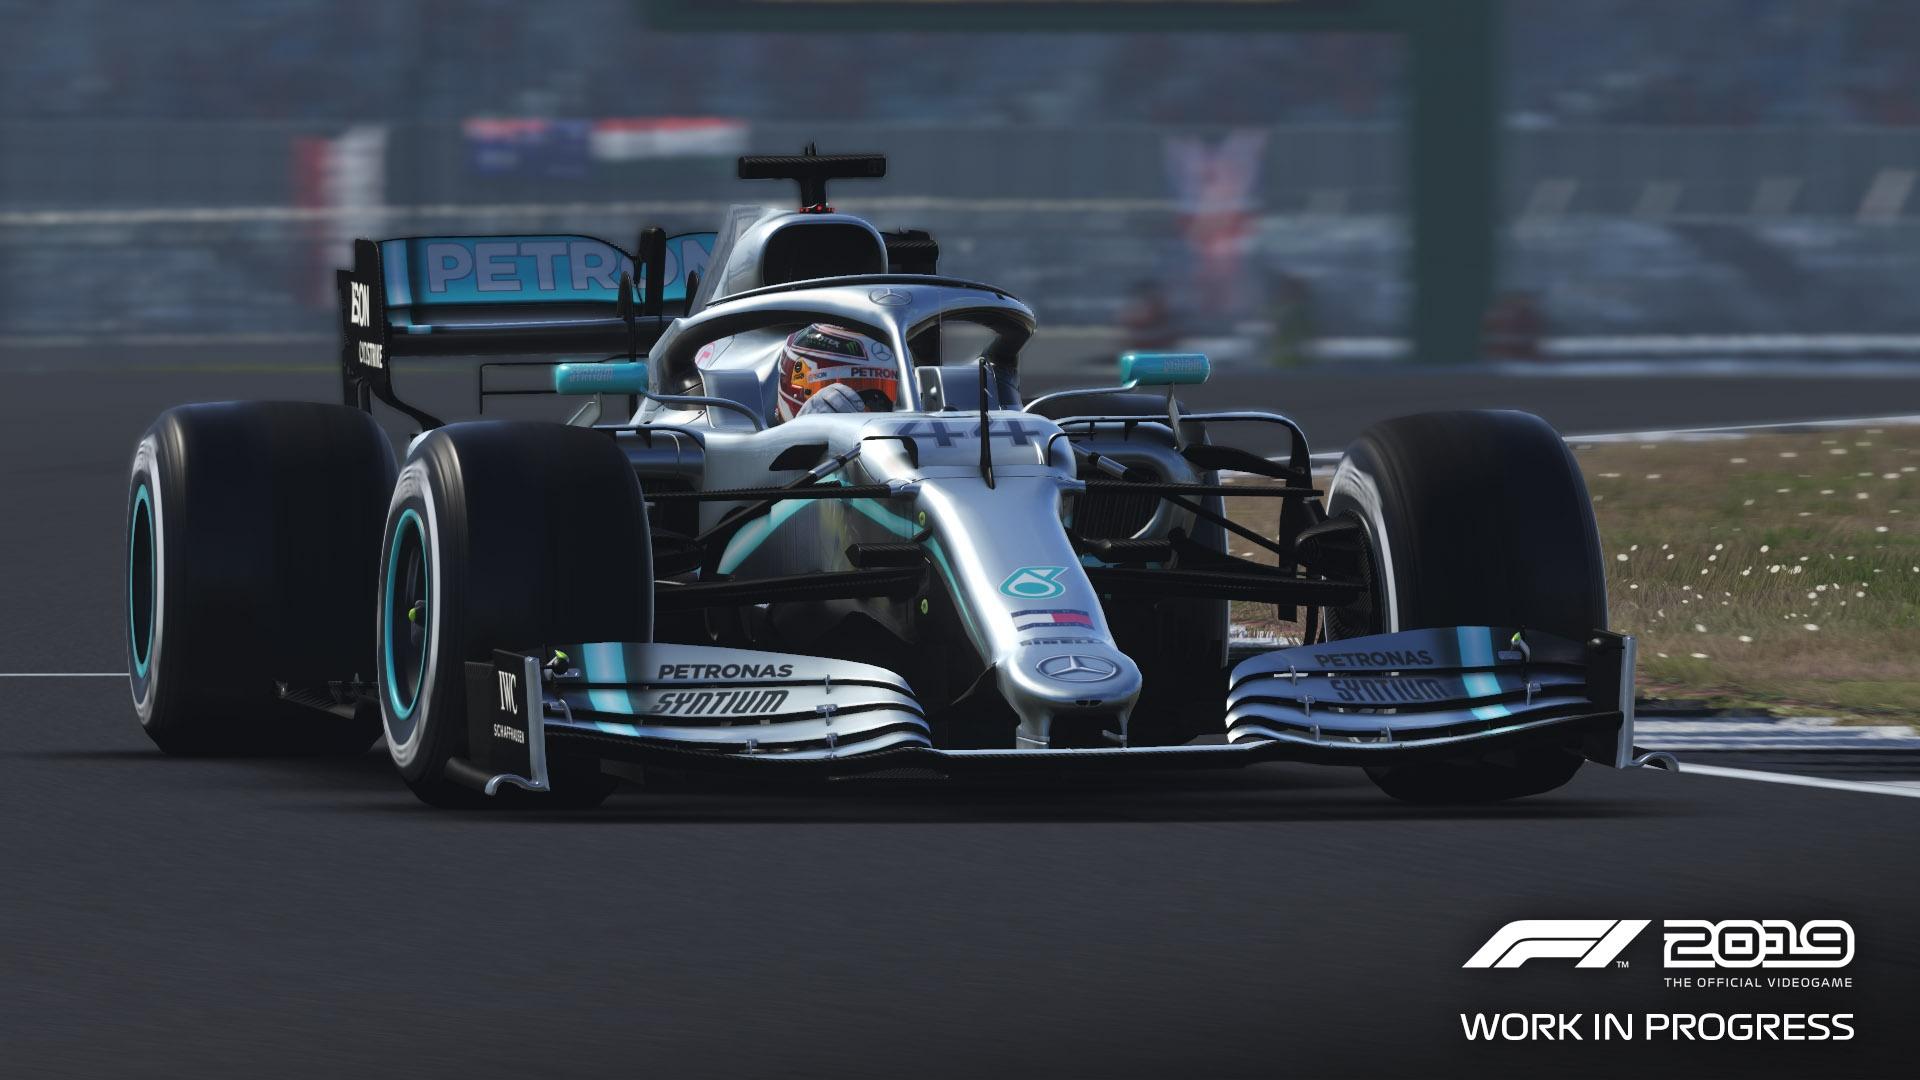 F1 2019 Screenshot 4